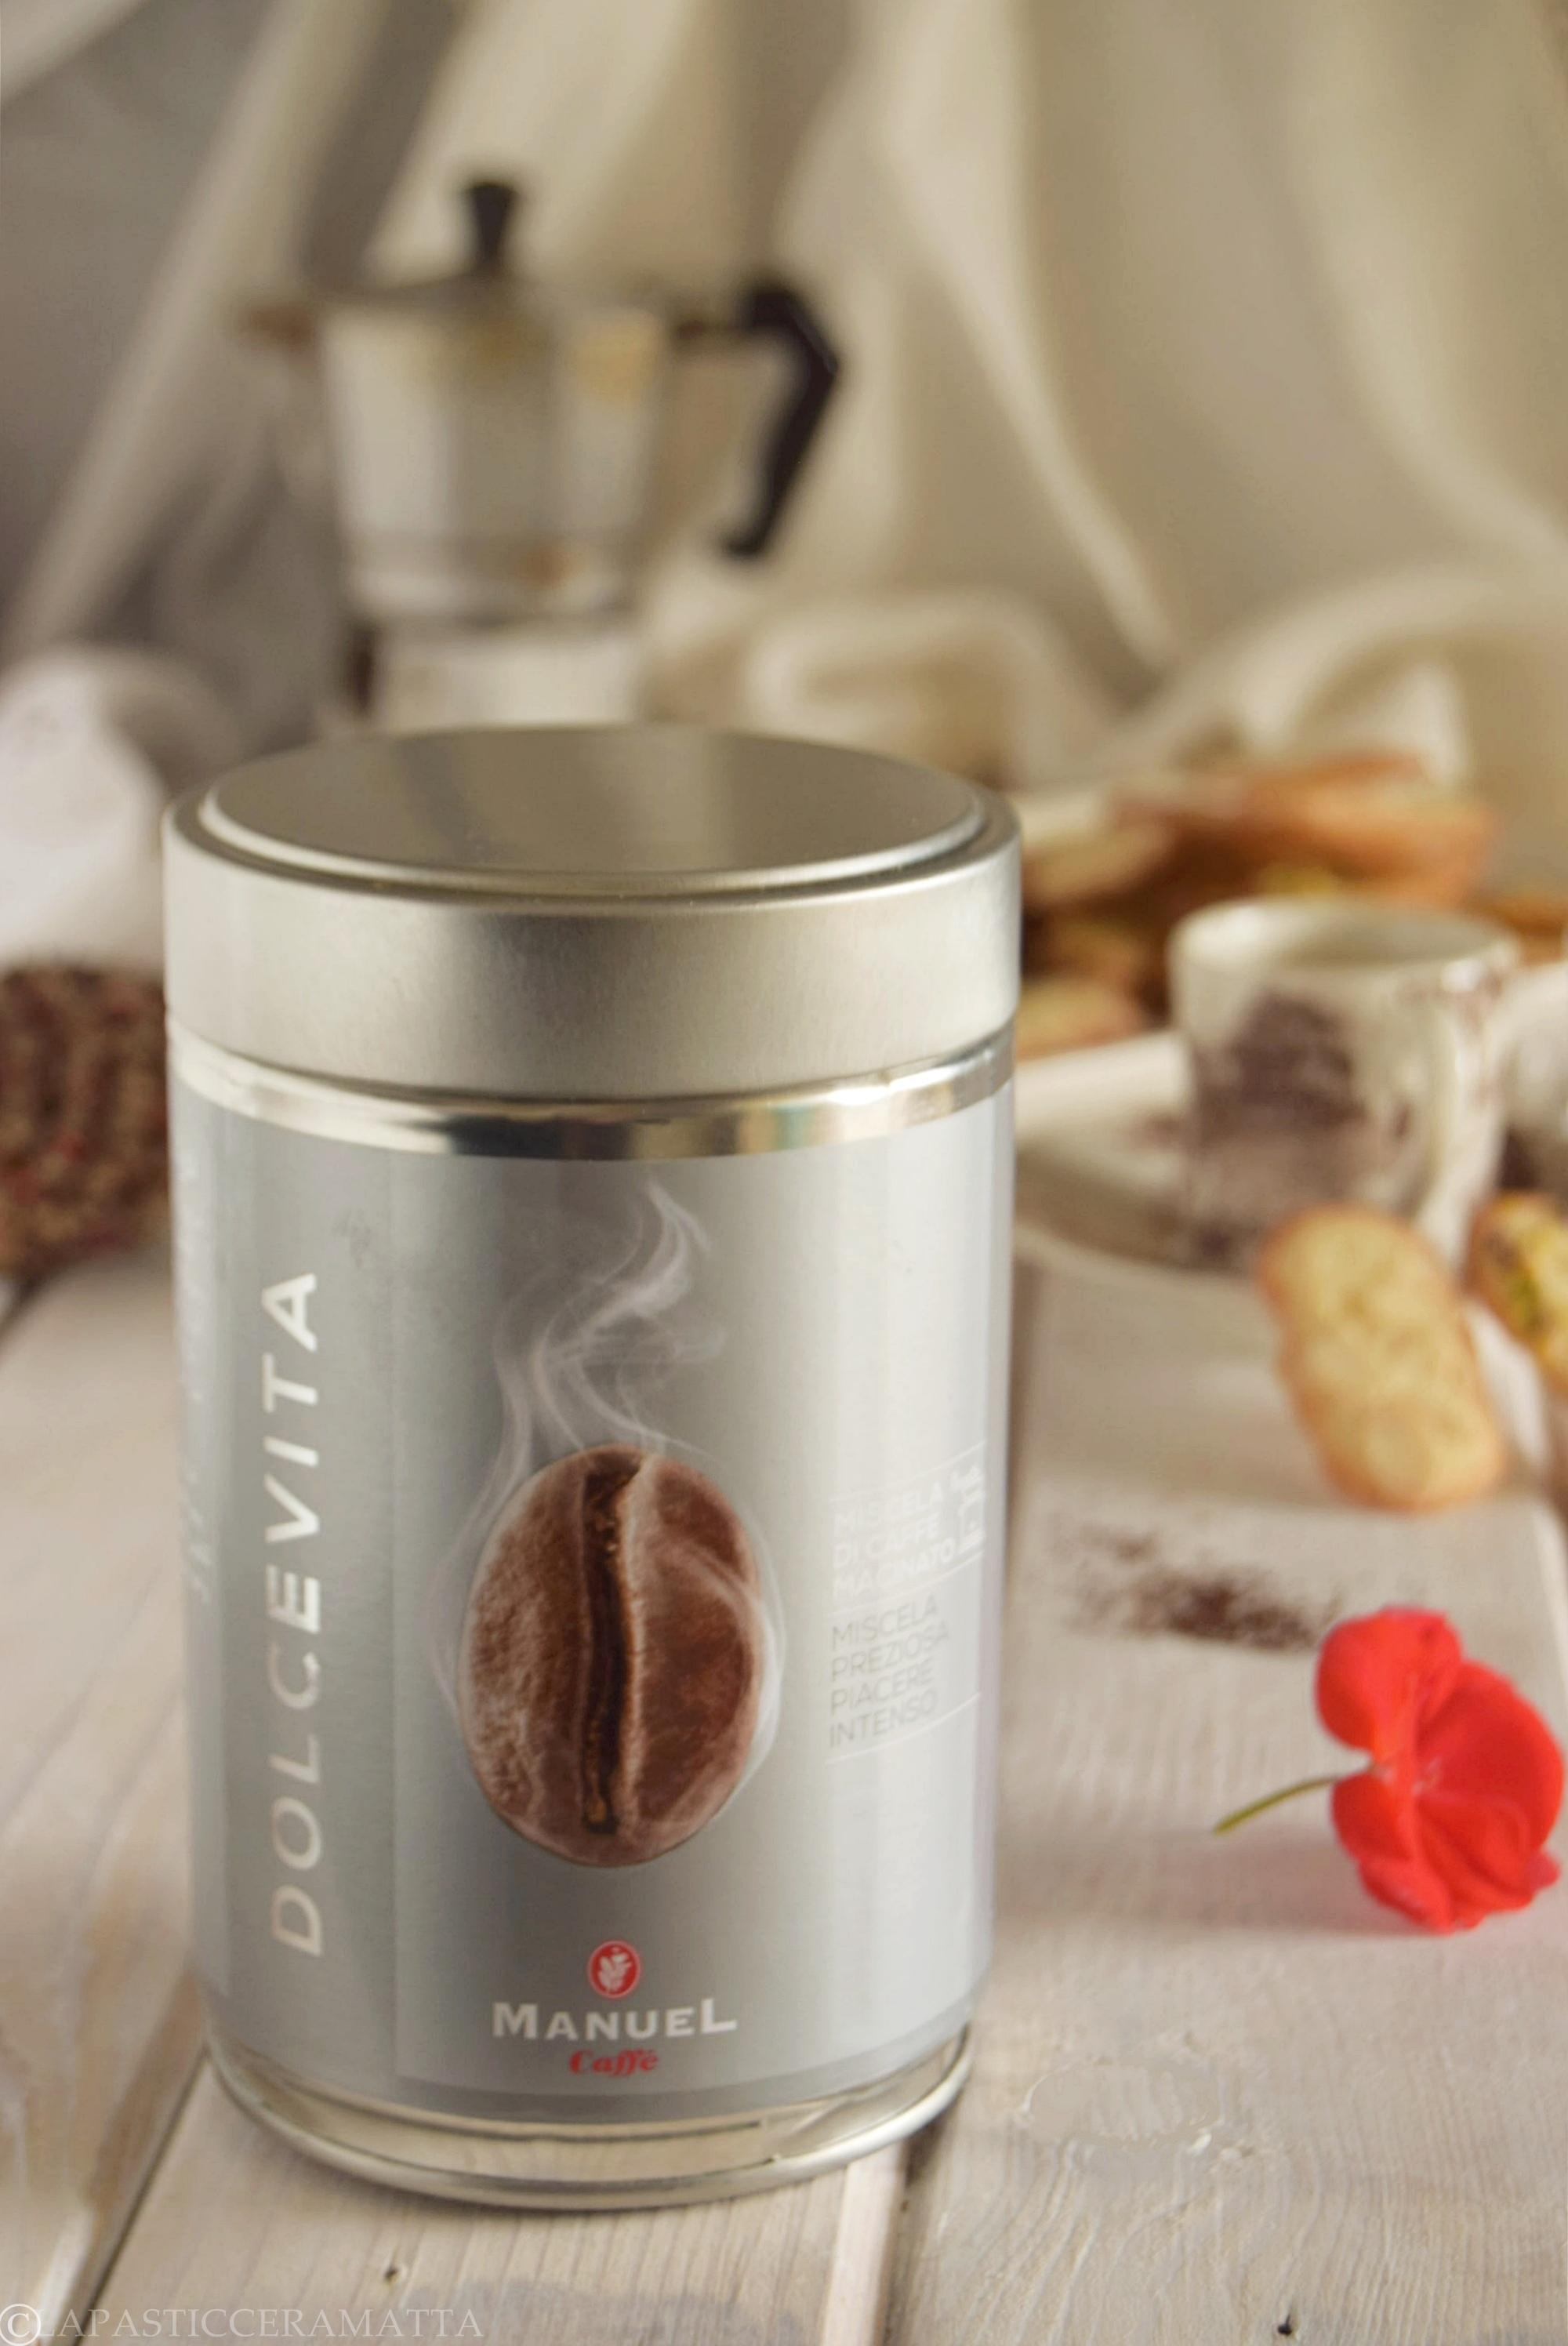 http://www.manuelcaffe.it/